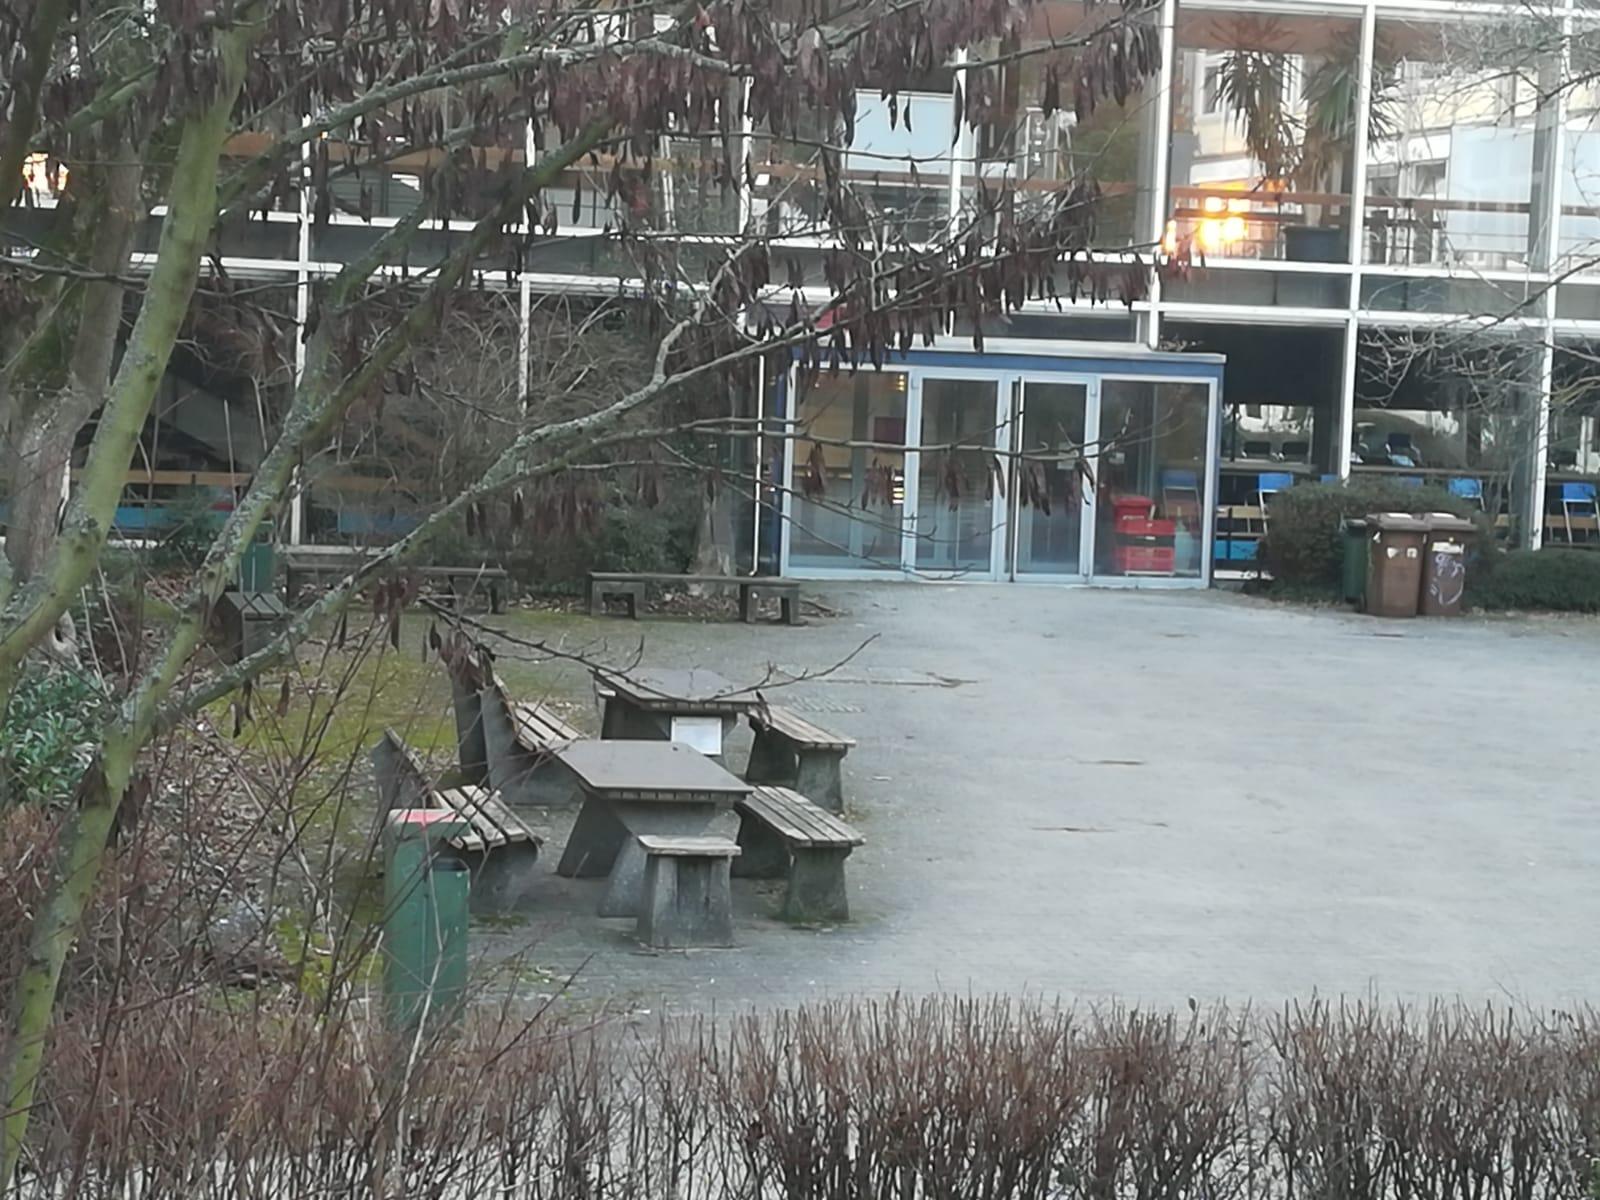 Schulhof der Willy-Hellpach-Schule. Hier besteht Potential für eine qualitativ hochwertige Aufenthaltsfläche